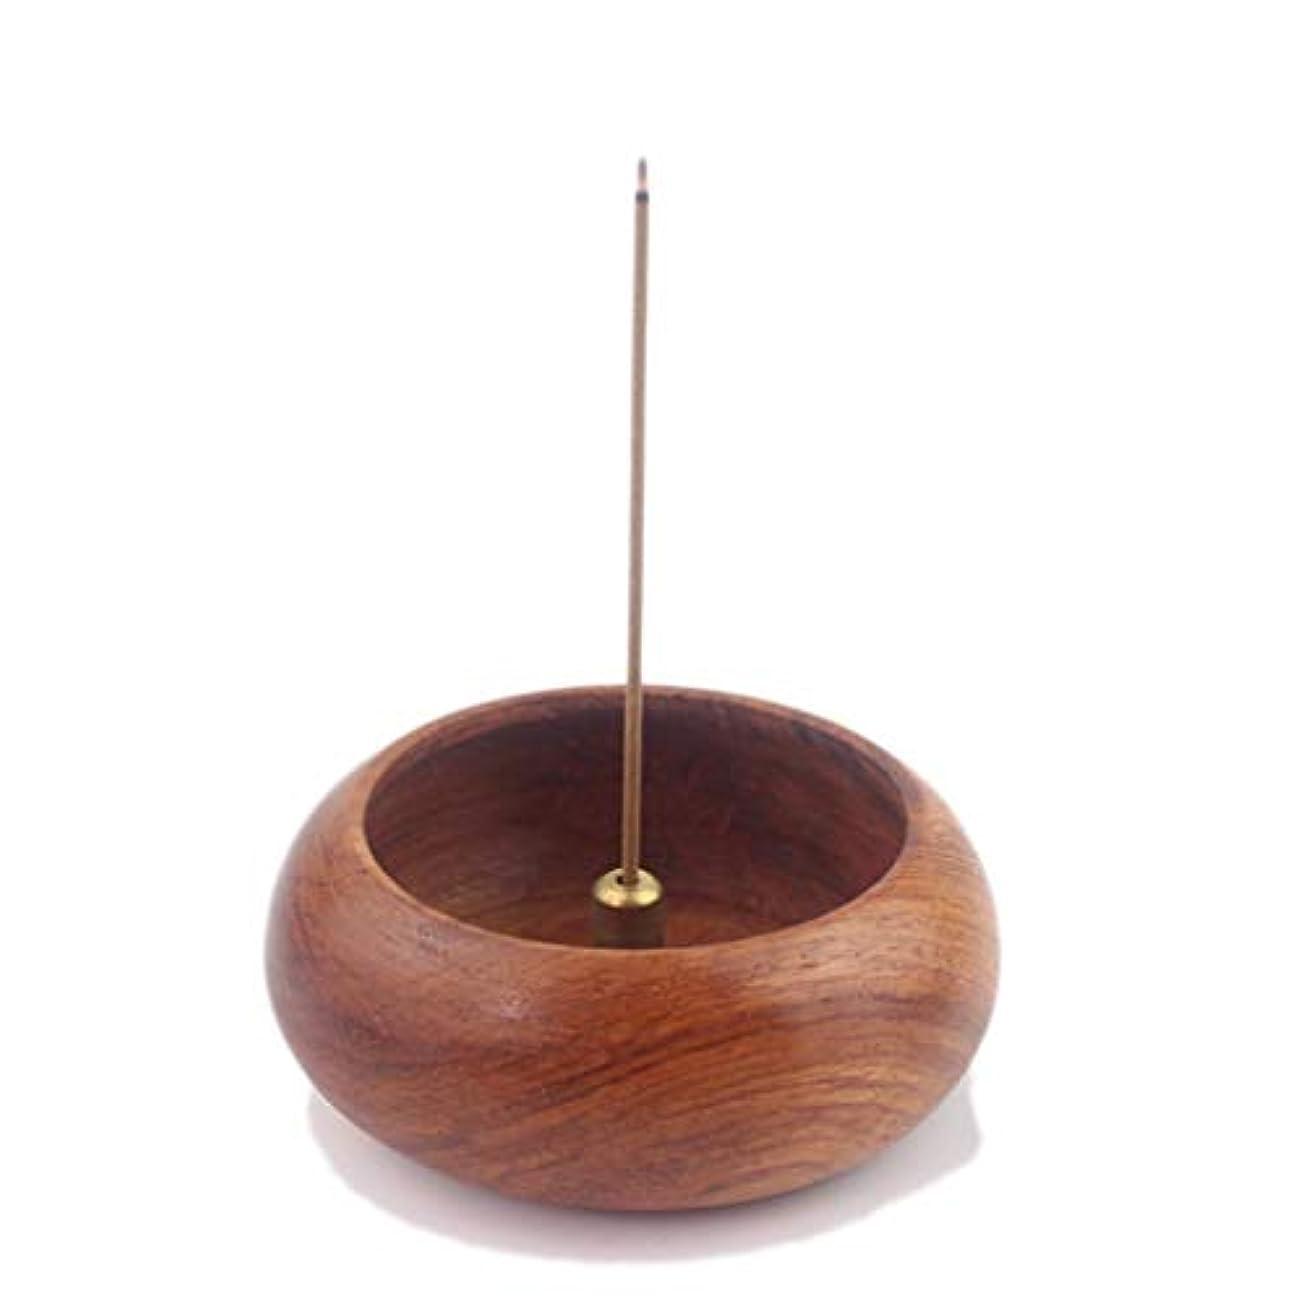 ブラウズ人生を作る密度ローズウッドボウル型香炉ホルダーキャンドルアロマセラピー炉香ホルダーホームリビングルーム香バーナー装飾 (Color : Wood, サイズ : 6.2*2.4cm)